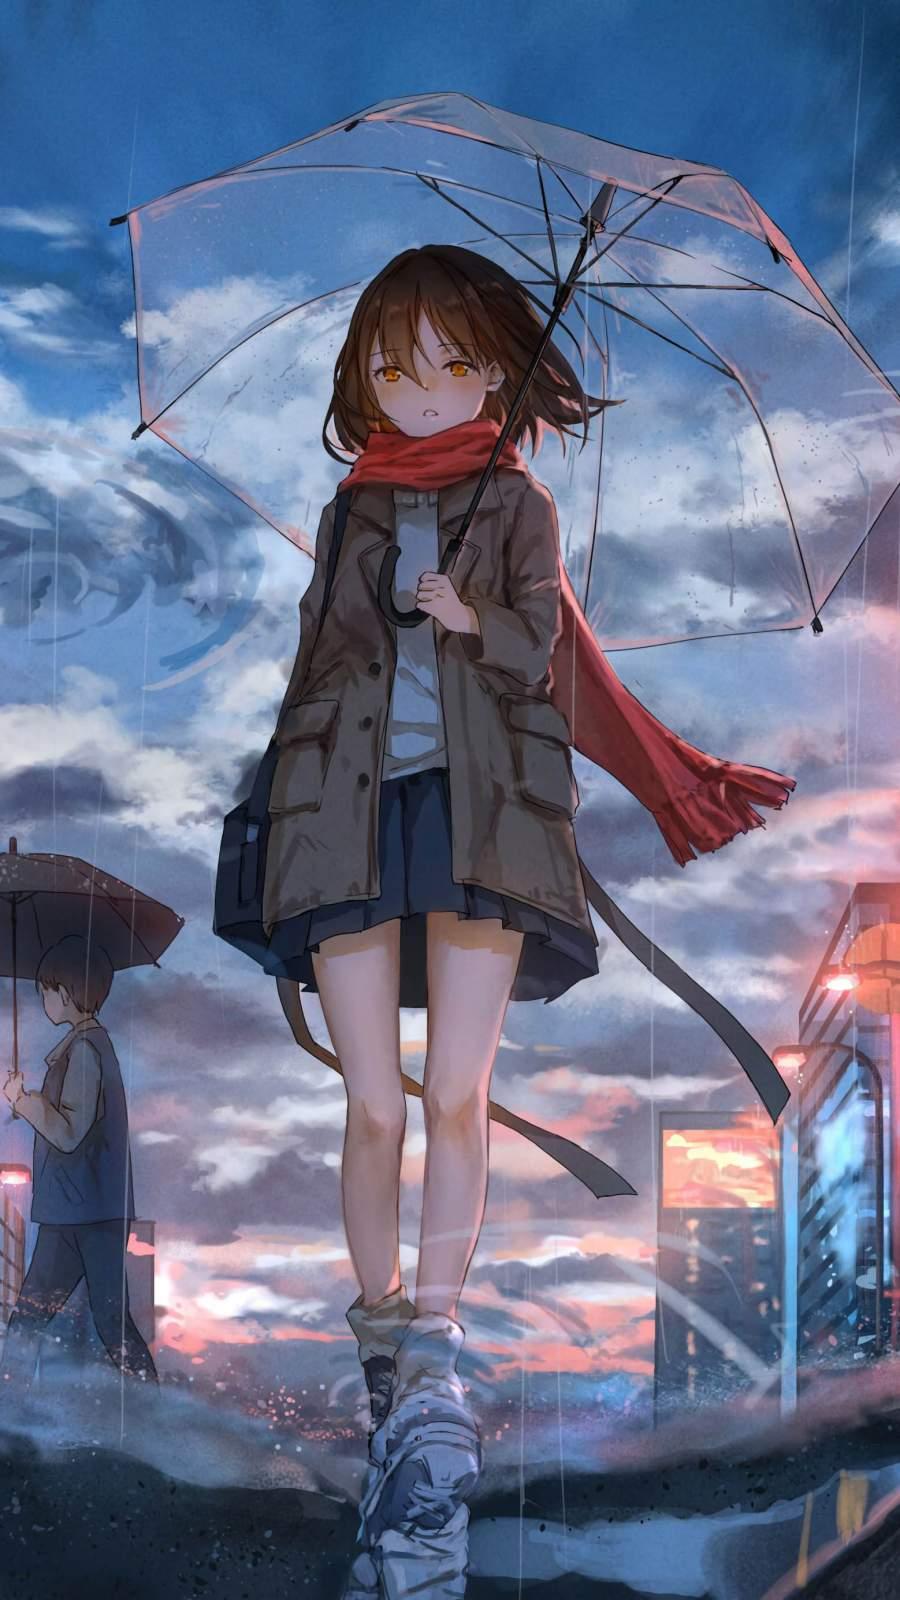 Anime Girl in Rain